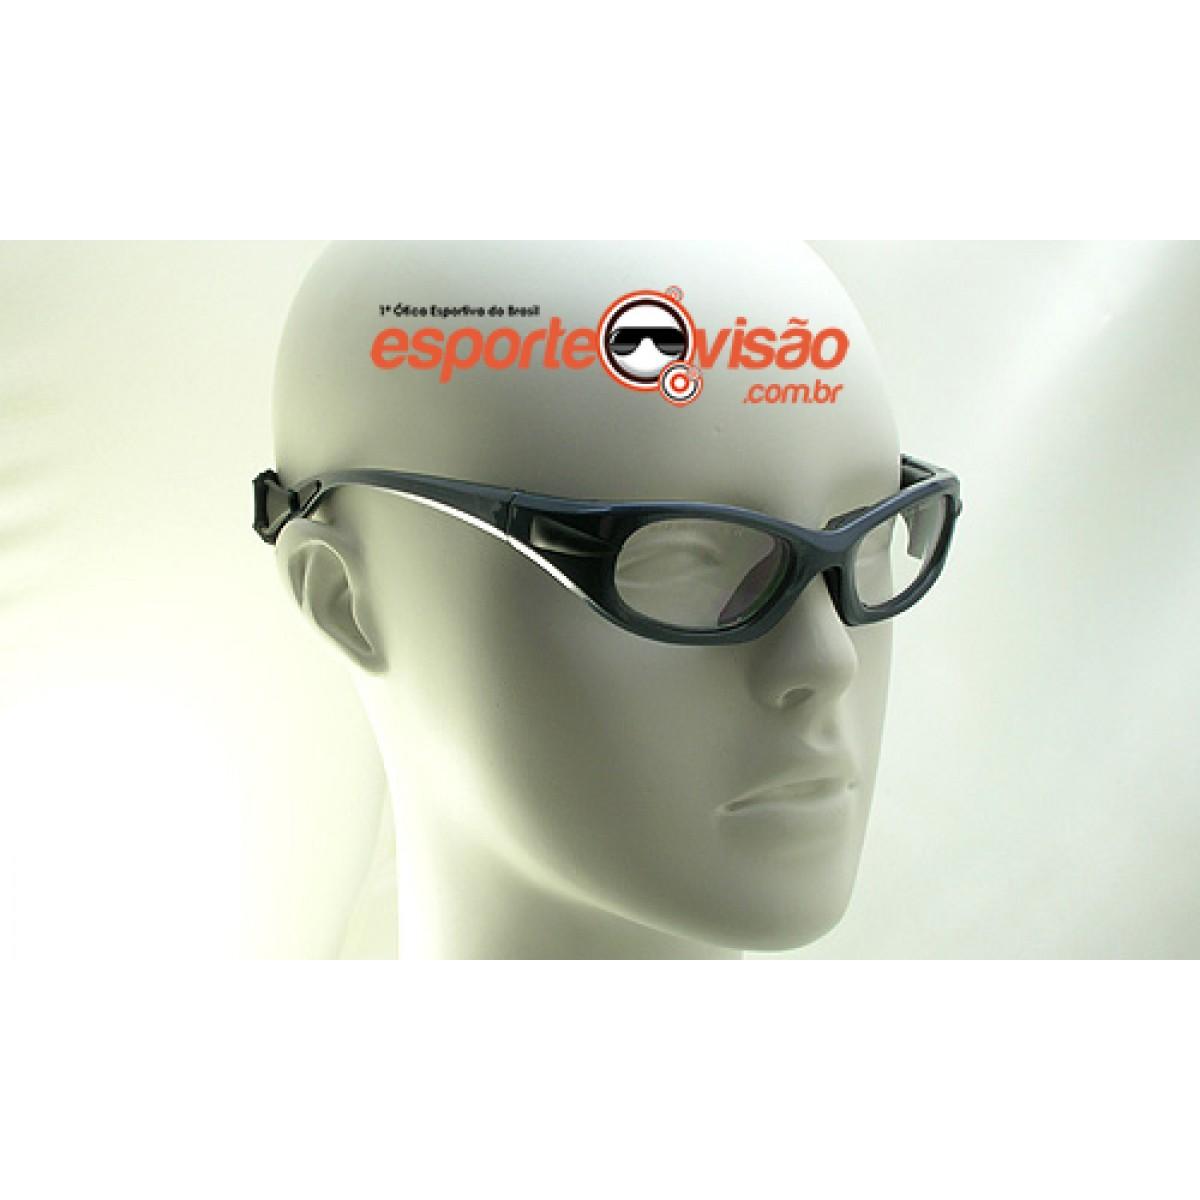 5a346d5b4 Óculos Progear TM 48/52/55 (P/M/G) + Lentes de Grau + Ventilação  anti-embaçante